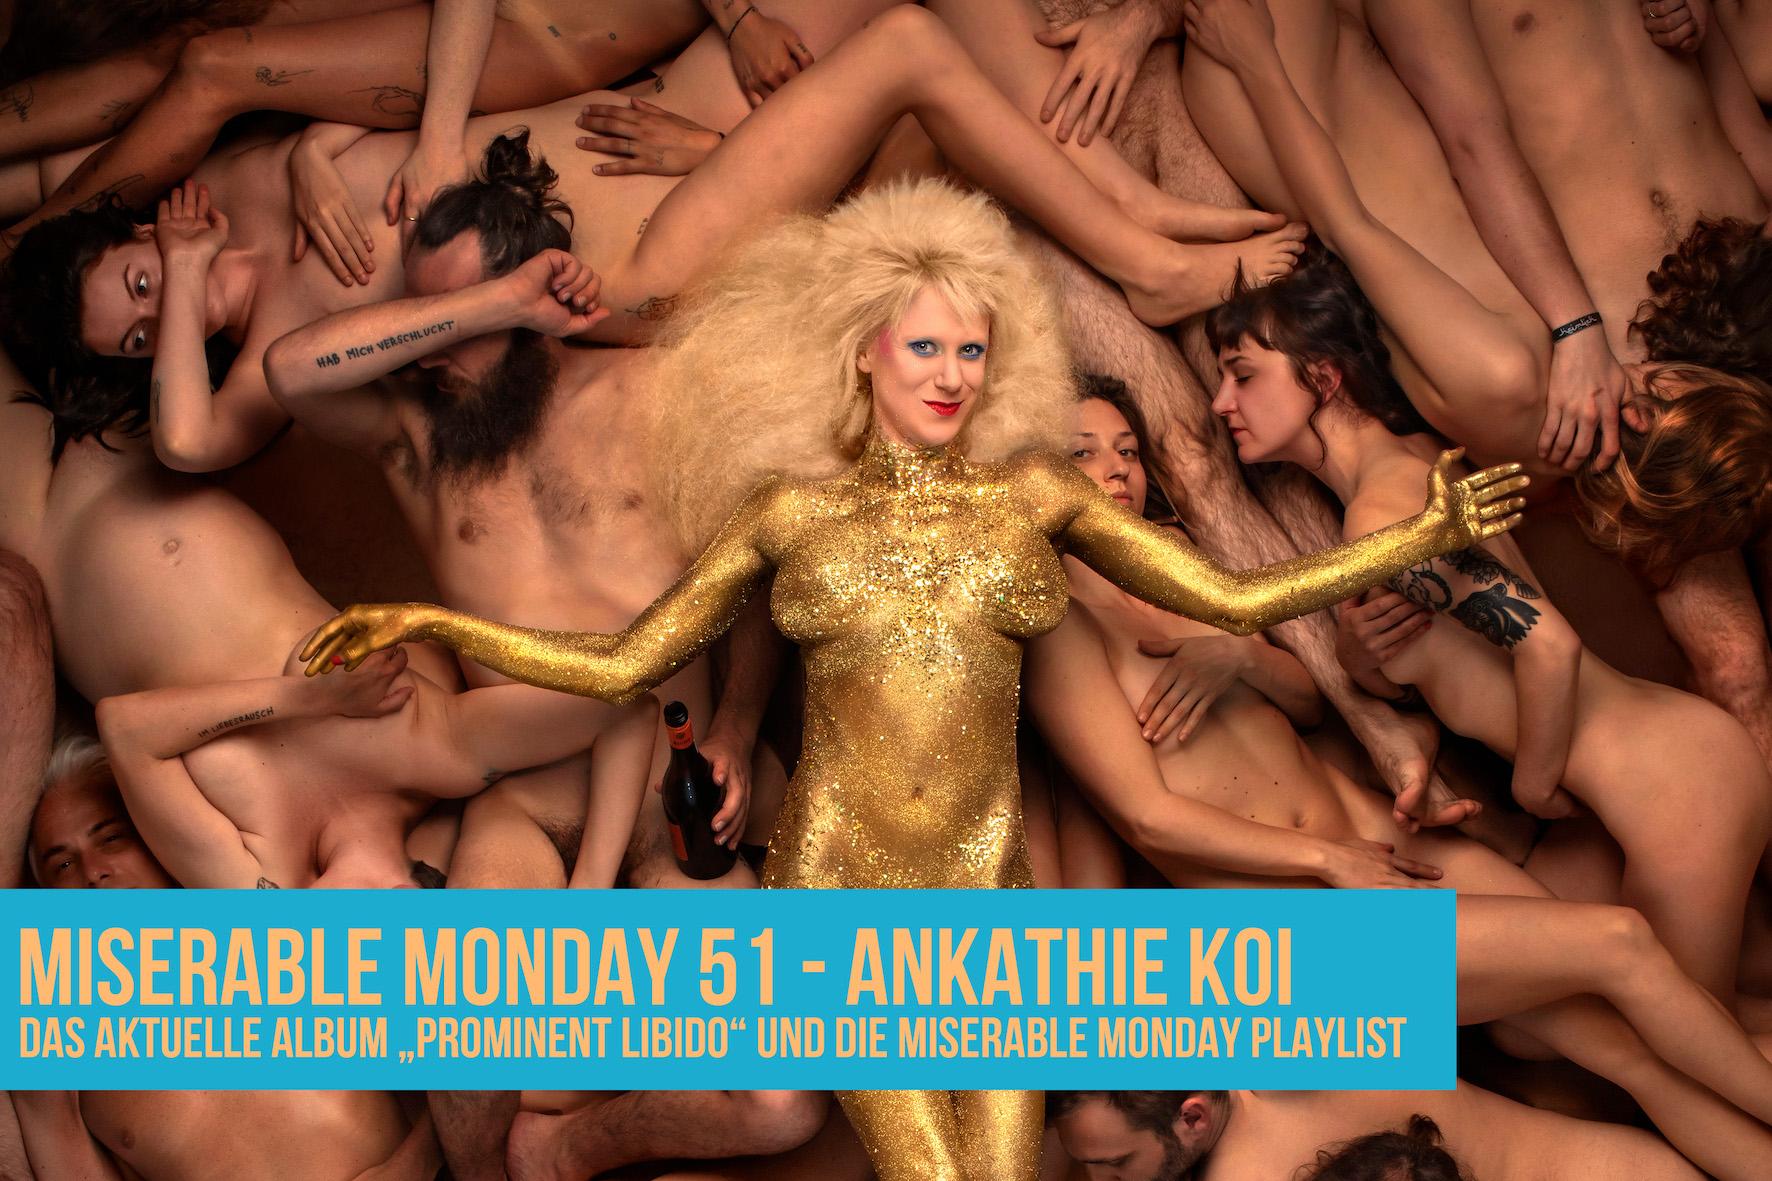 051 - Ankathie Koi